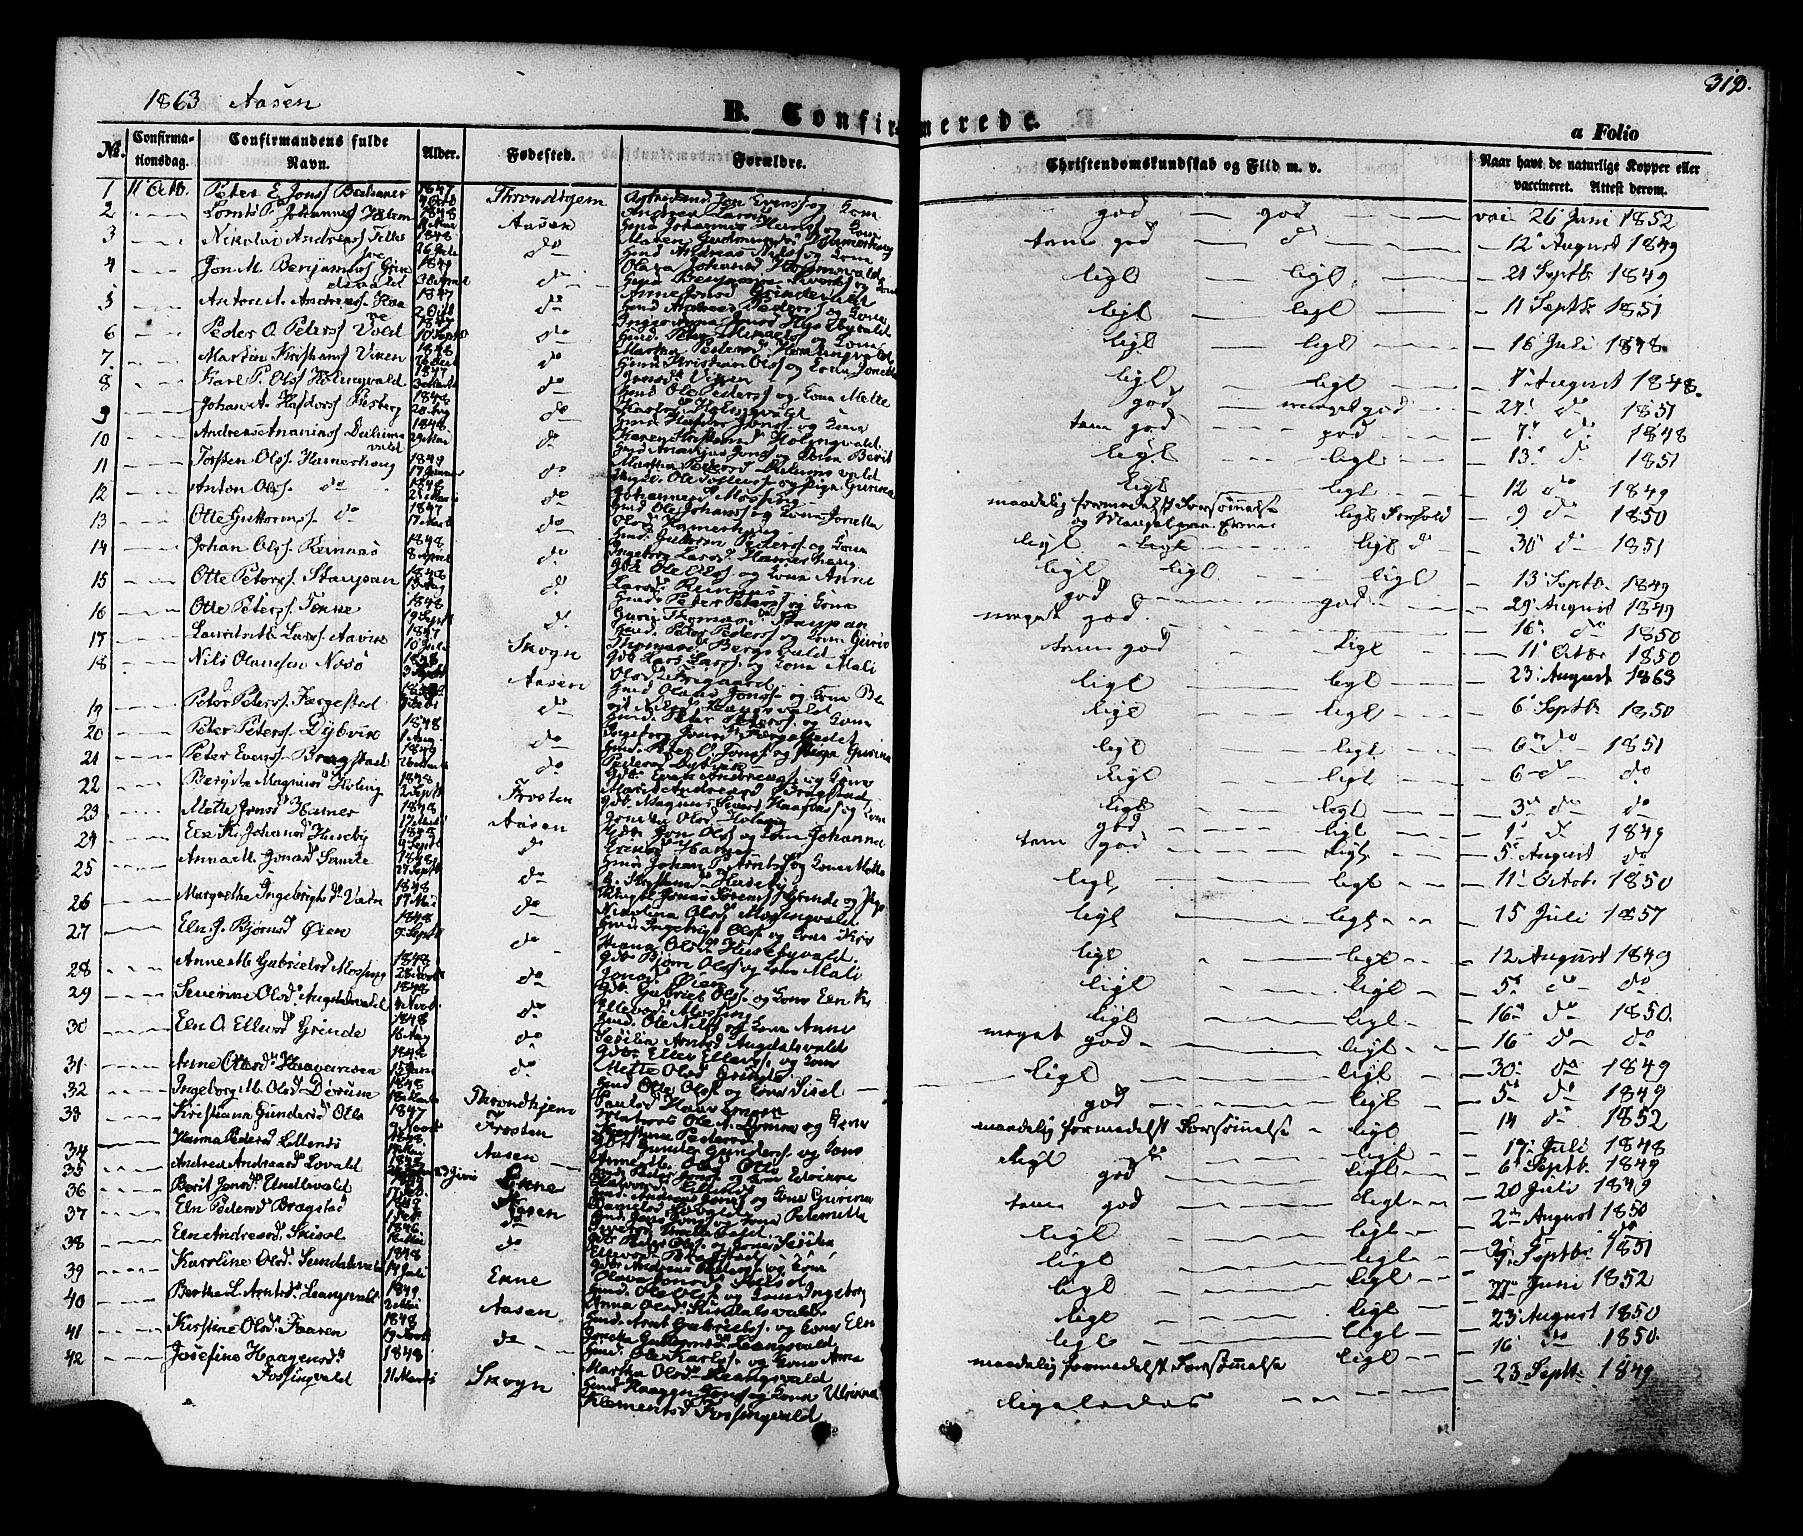 SAT, Ministerialprotokoller, klokkerbøker og fødselsregistre - Nord-Trøndelag, 713/L0116: Ministerialbok nr. 713A07, 1850-1877, s. 312